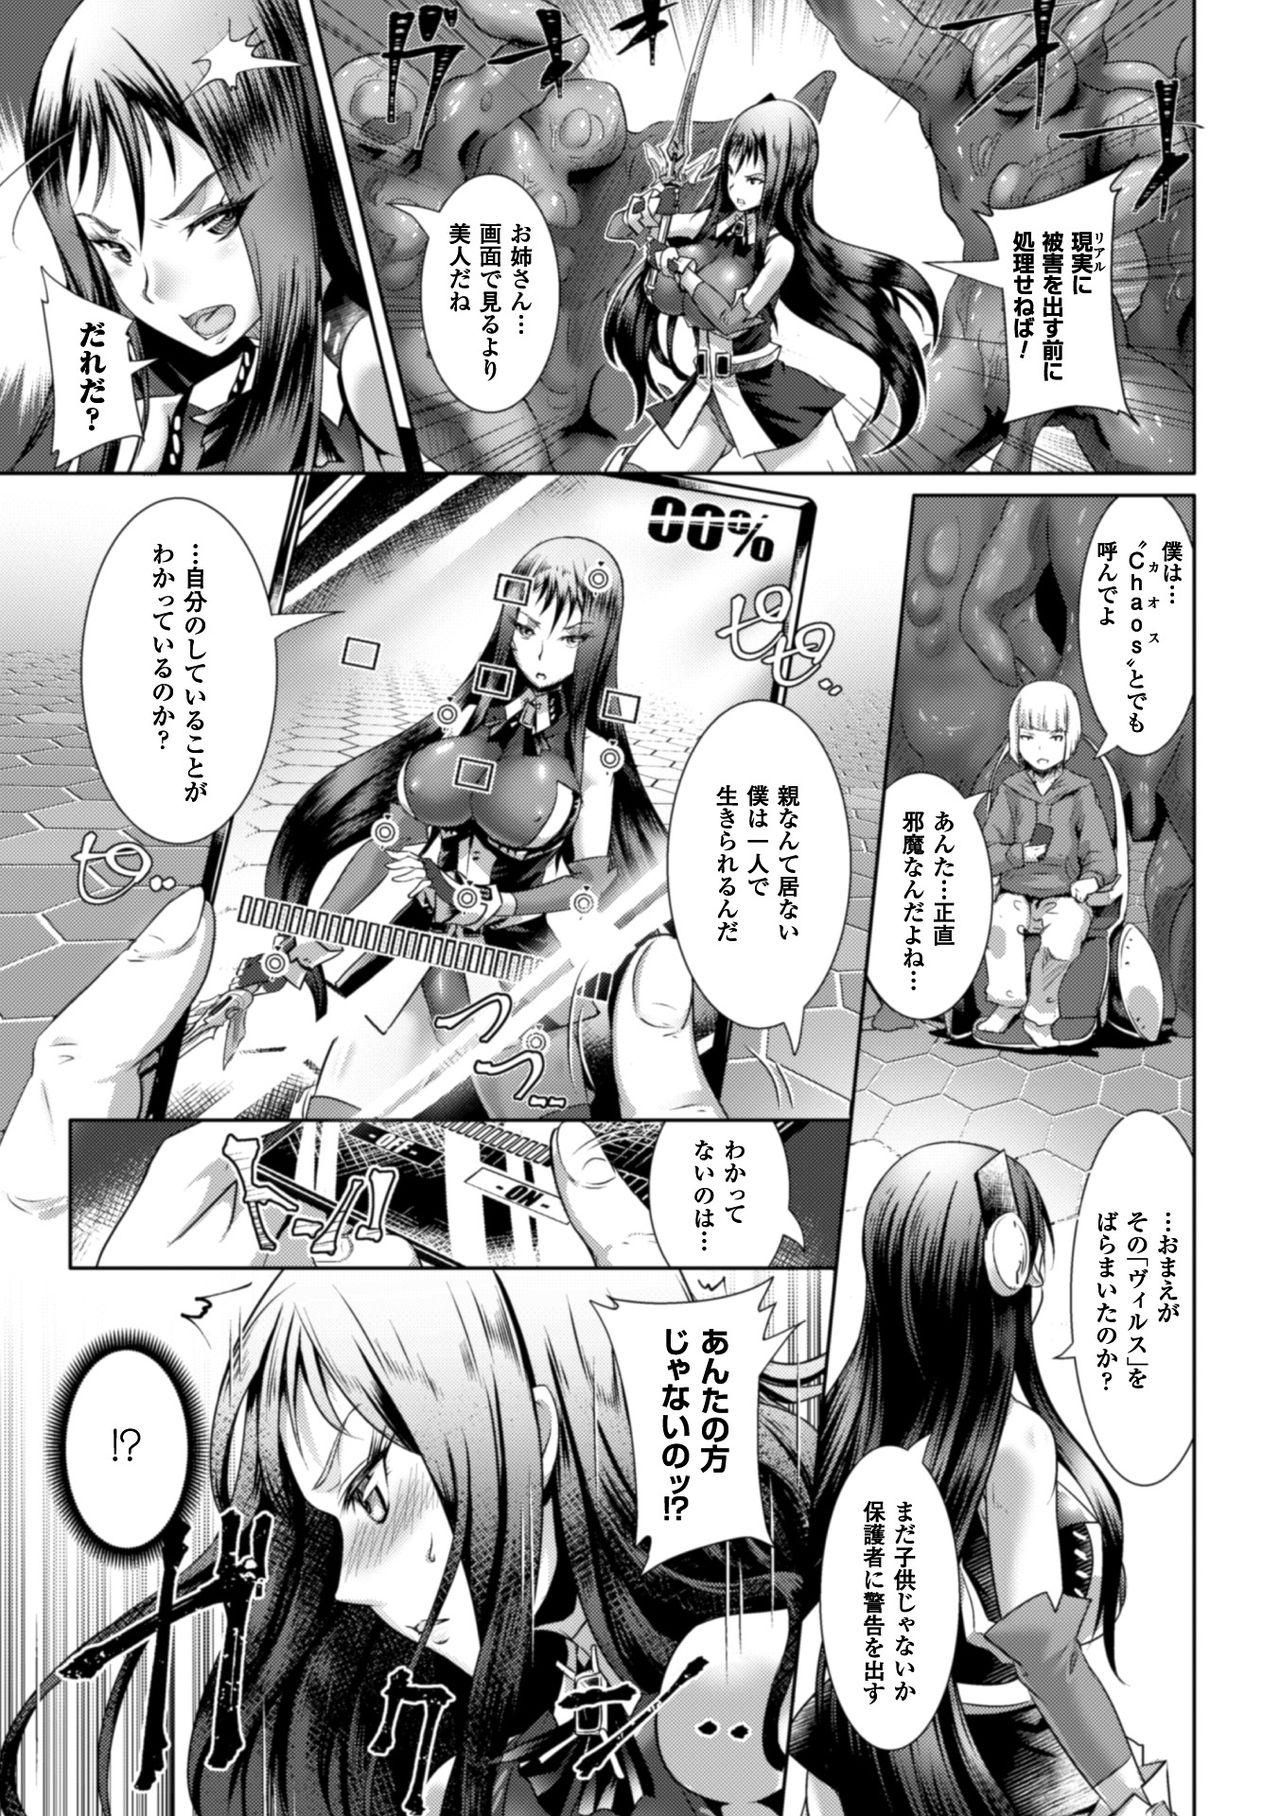 2D Comic Magazine Saimin Appli de Henshin Heroine o Yaritai Houdai! Vol. 1 64